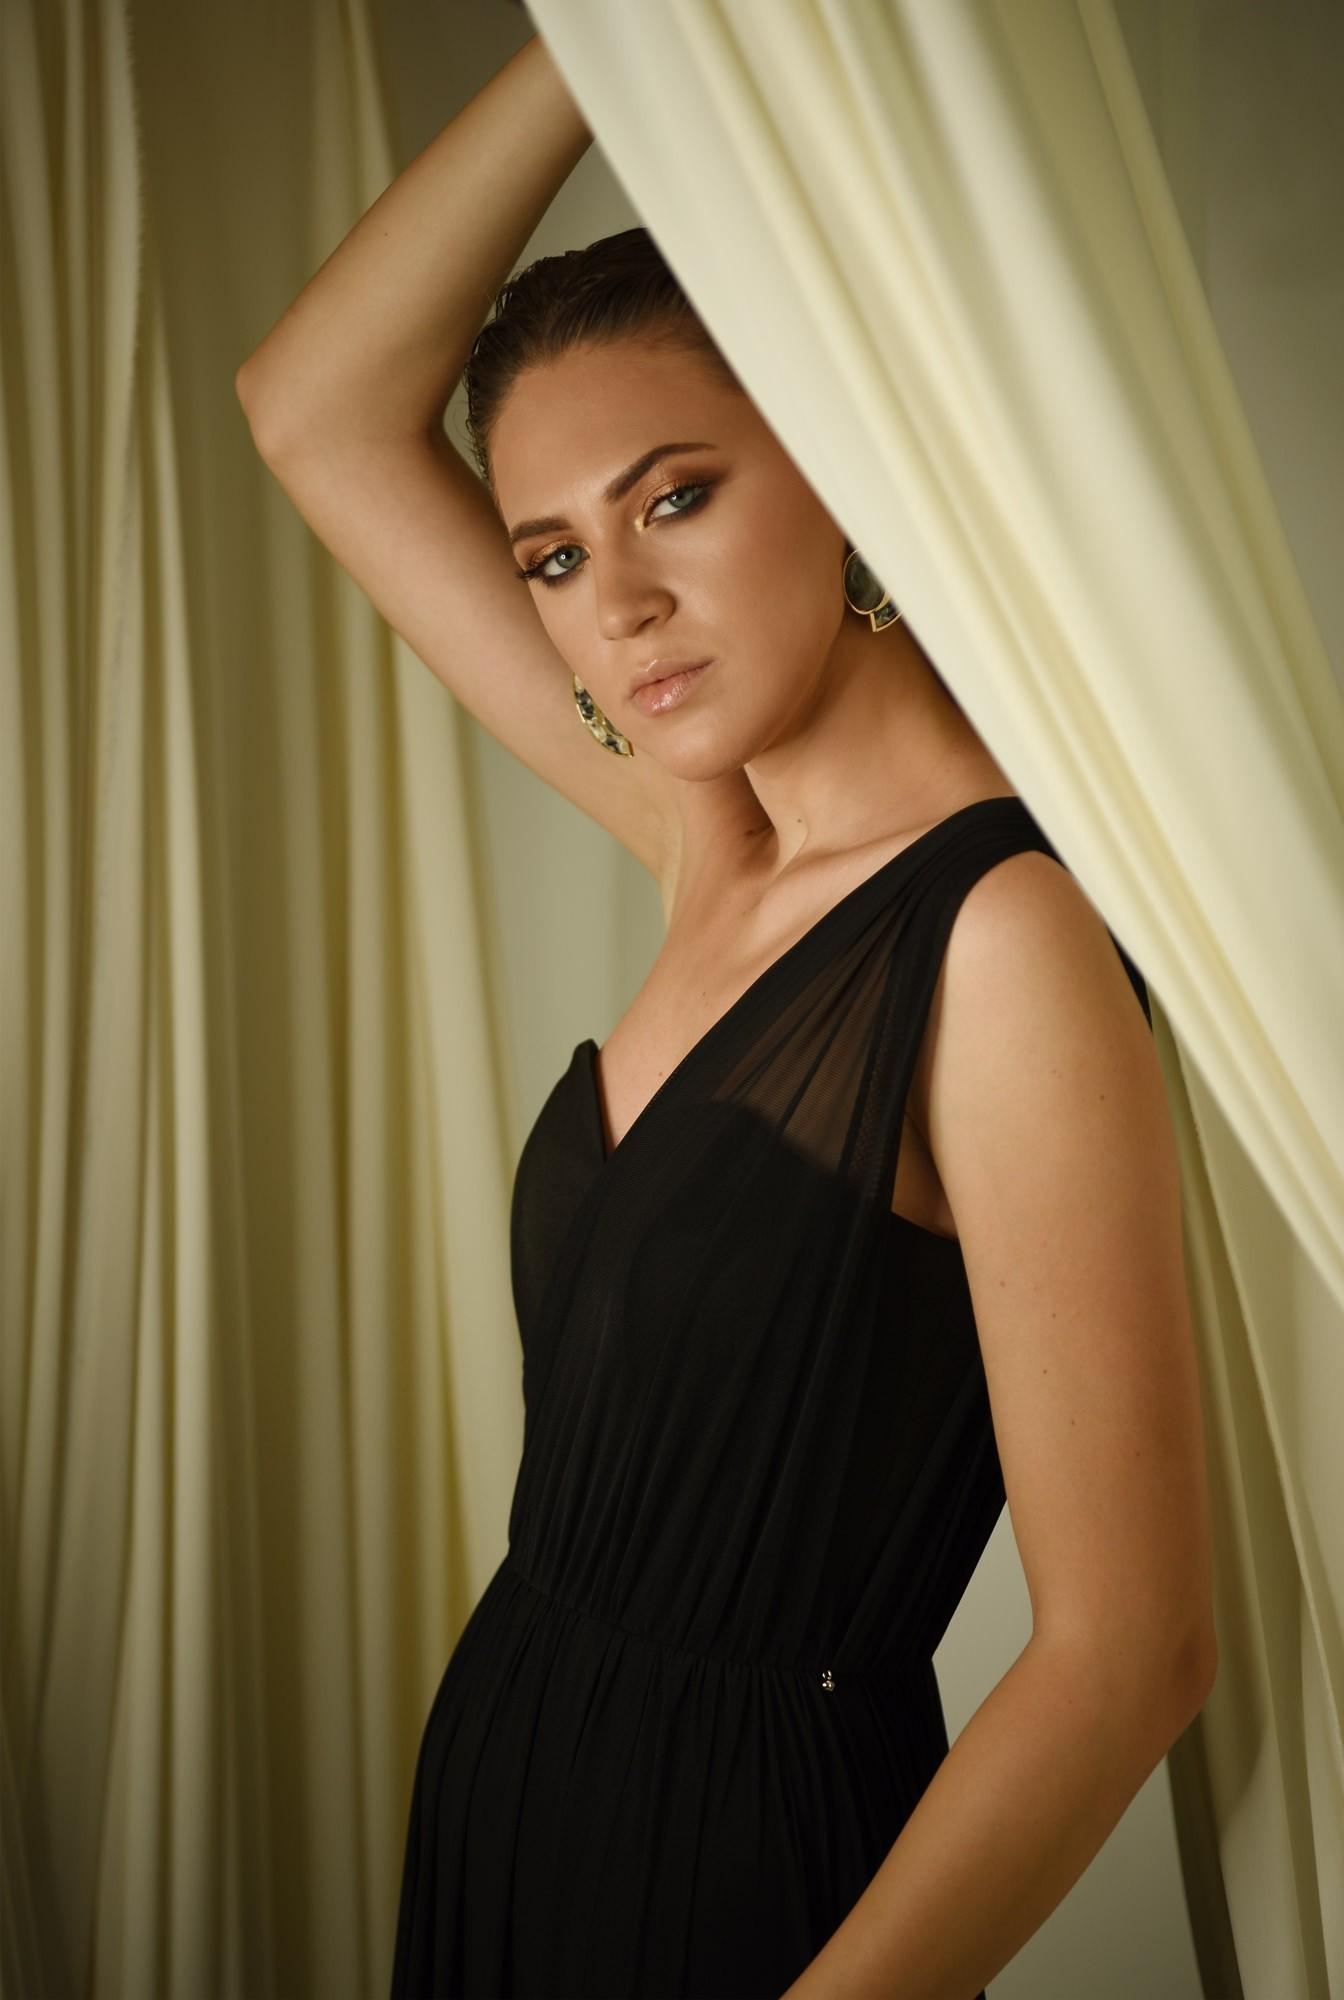 2 - rochie eleganta, decolteu inima, croi evazat, fusta transparenta